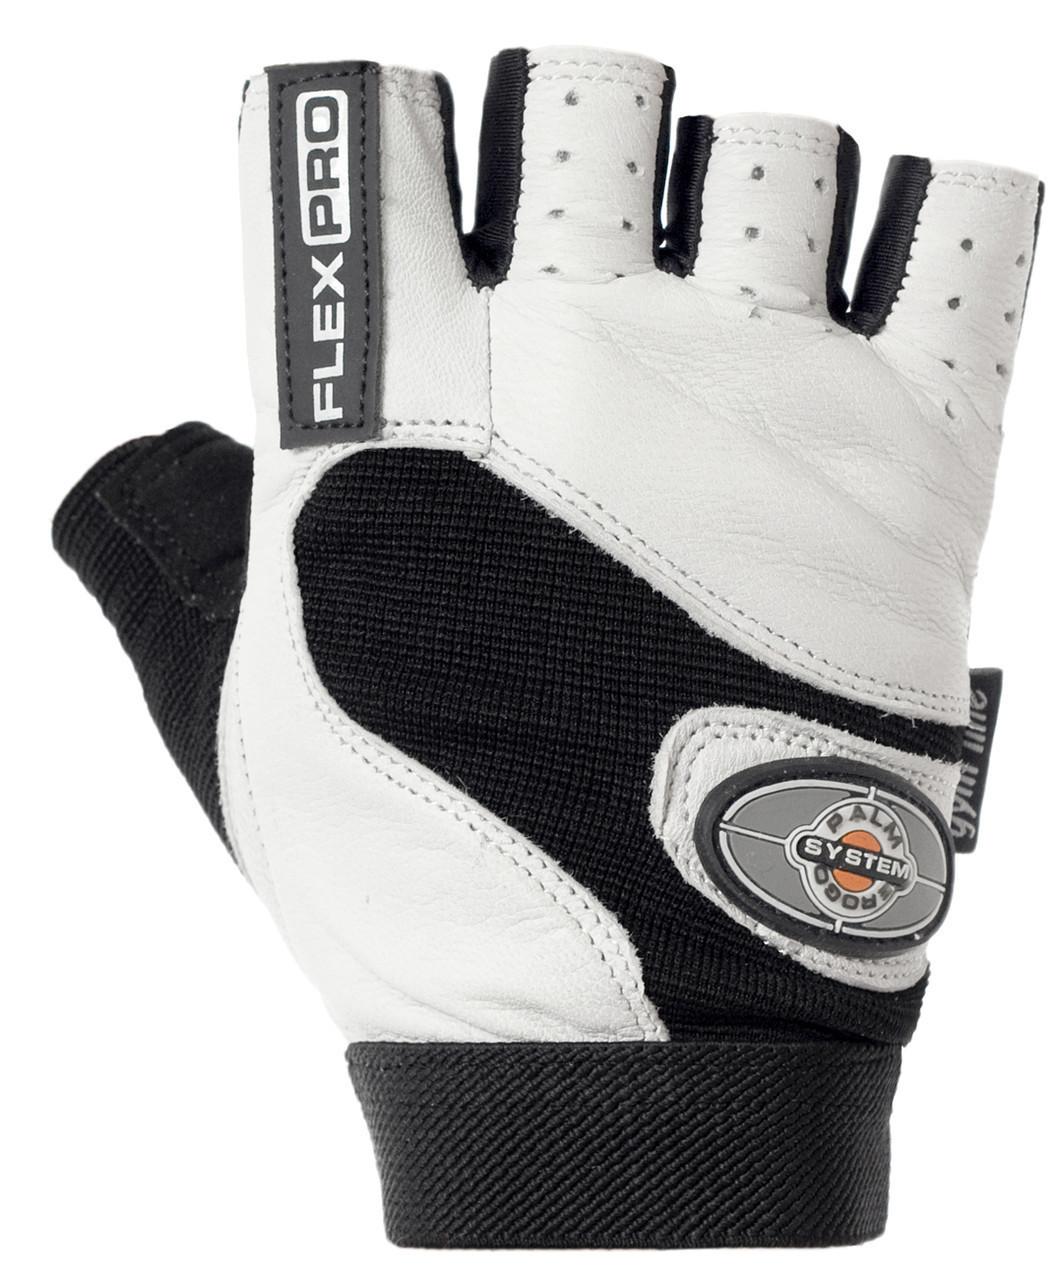 Перчатки для фитнеса и тяжелой атлетики Power System Flex Pro PS-2650 L White